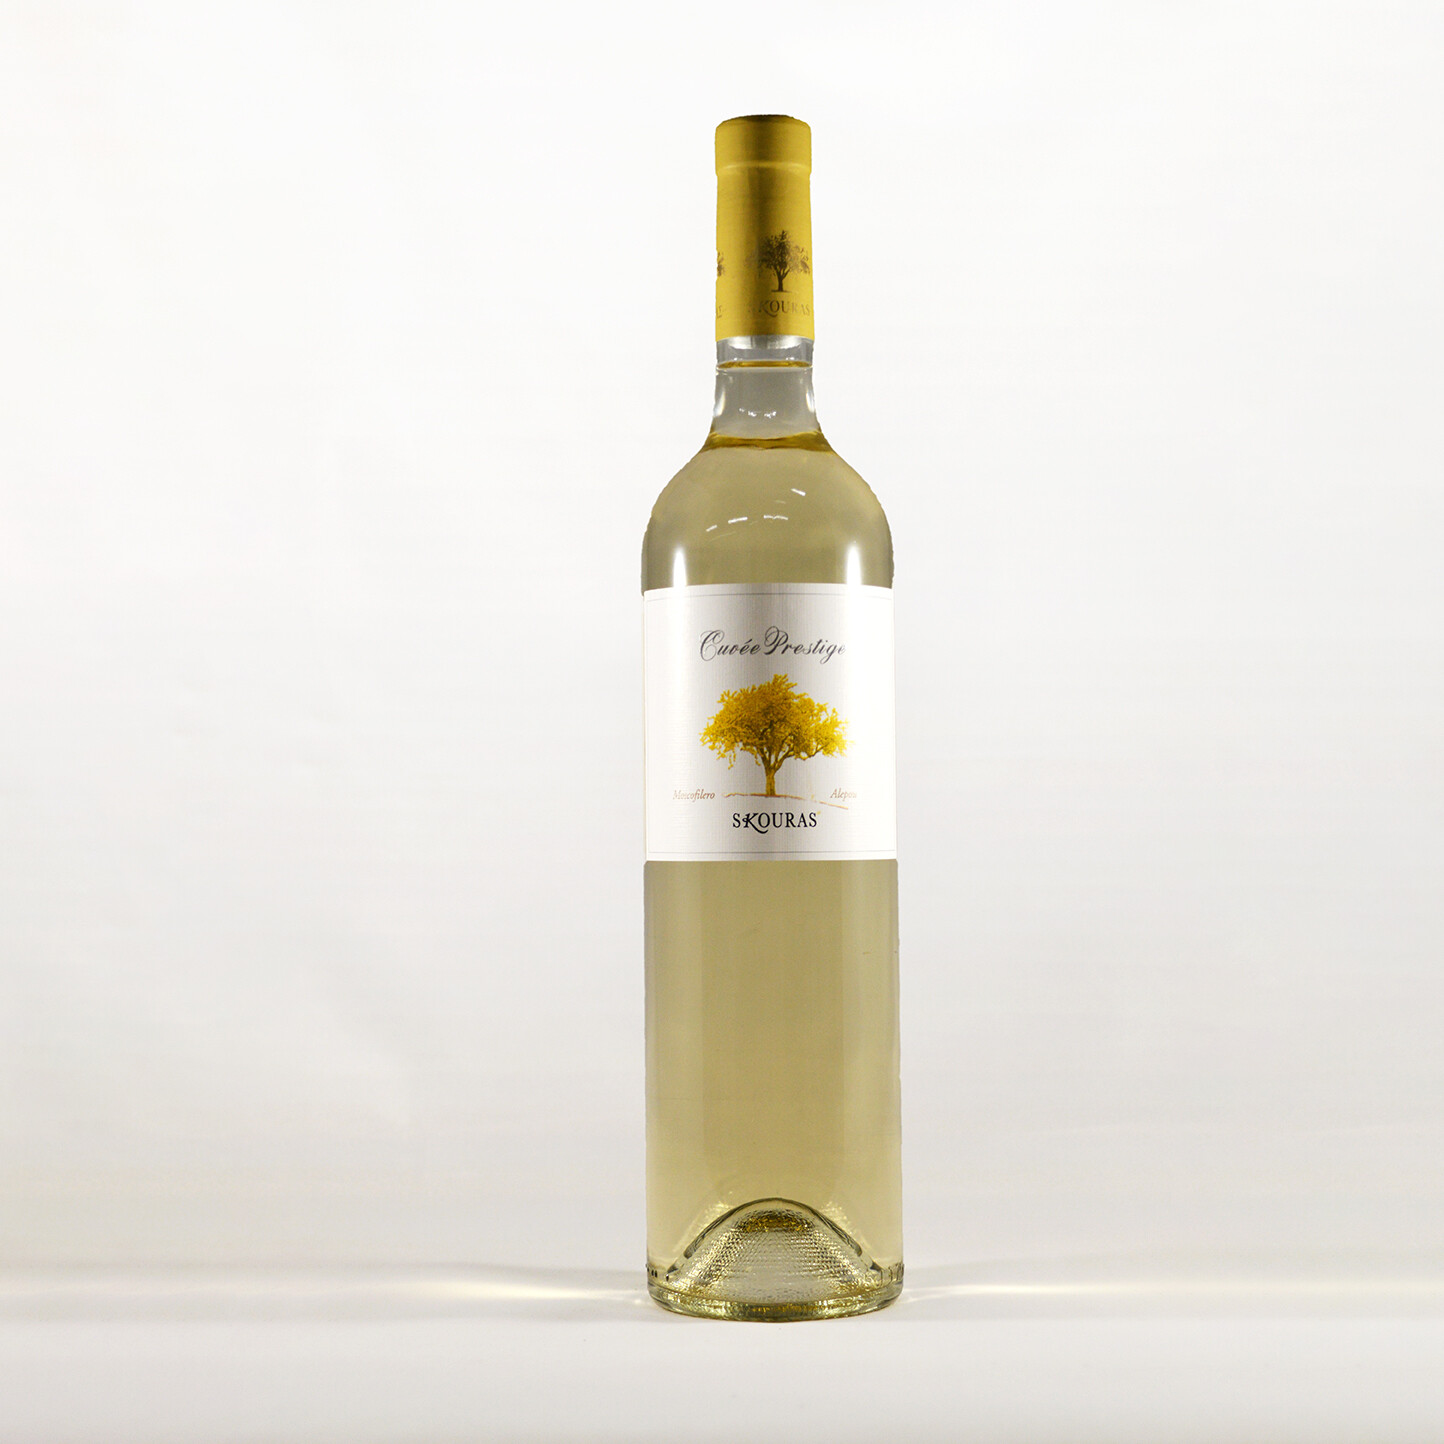 Skouras Cuvée Prestige White